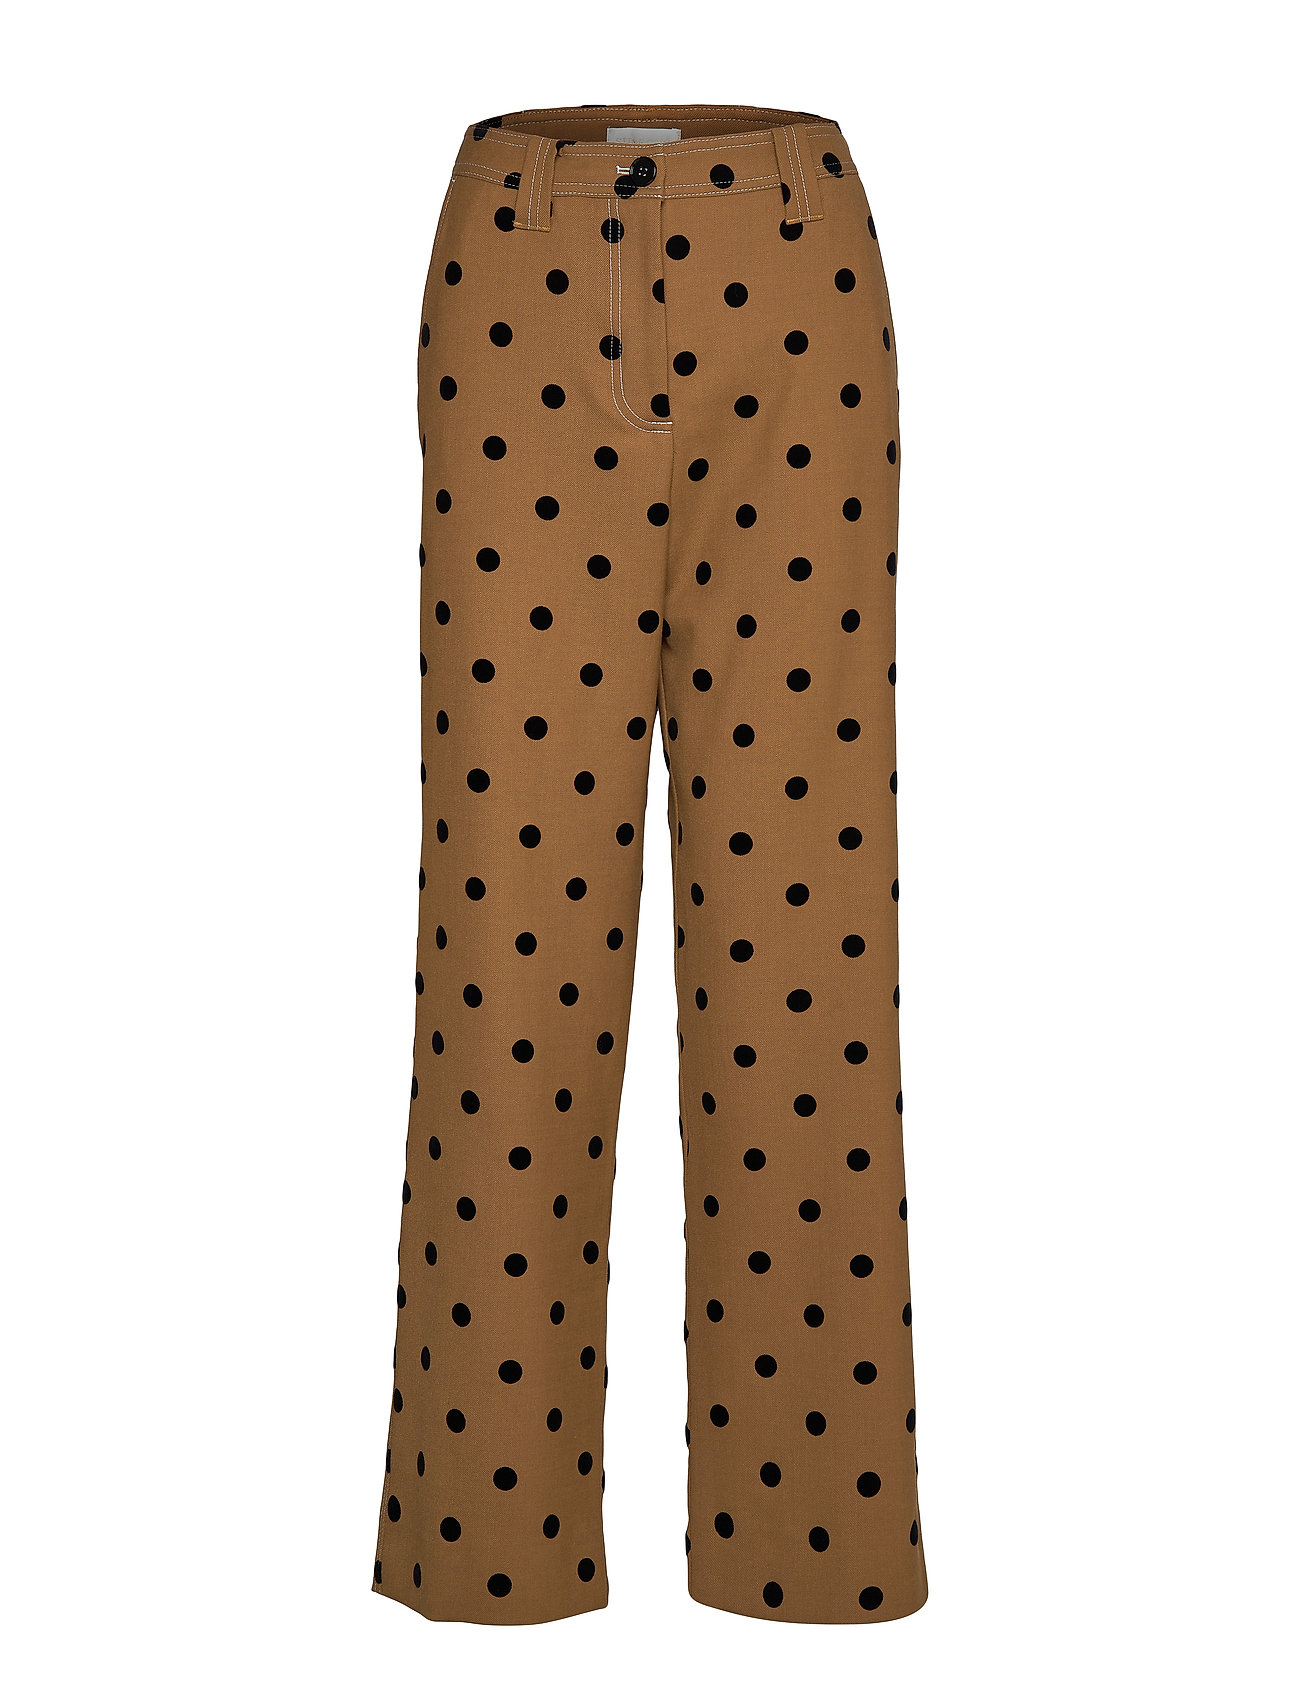 Image of John, 705 Wool Tailoring Vide Bukser Brun STINE GOYA (3291426695)